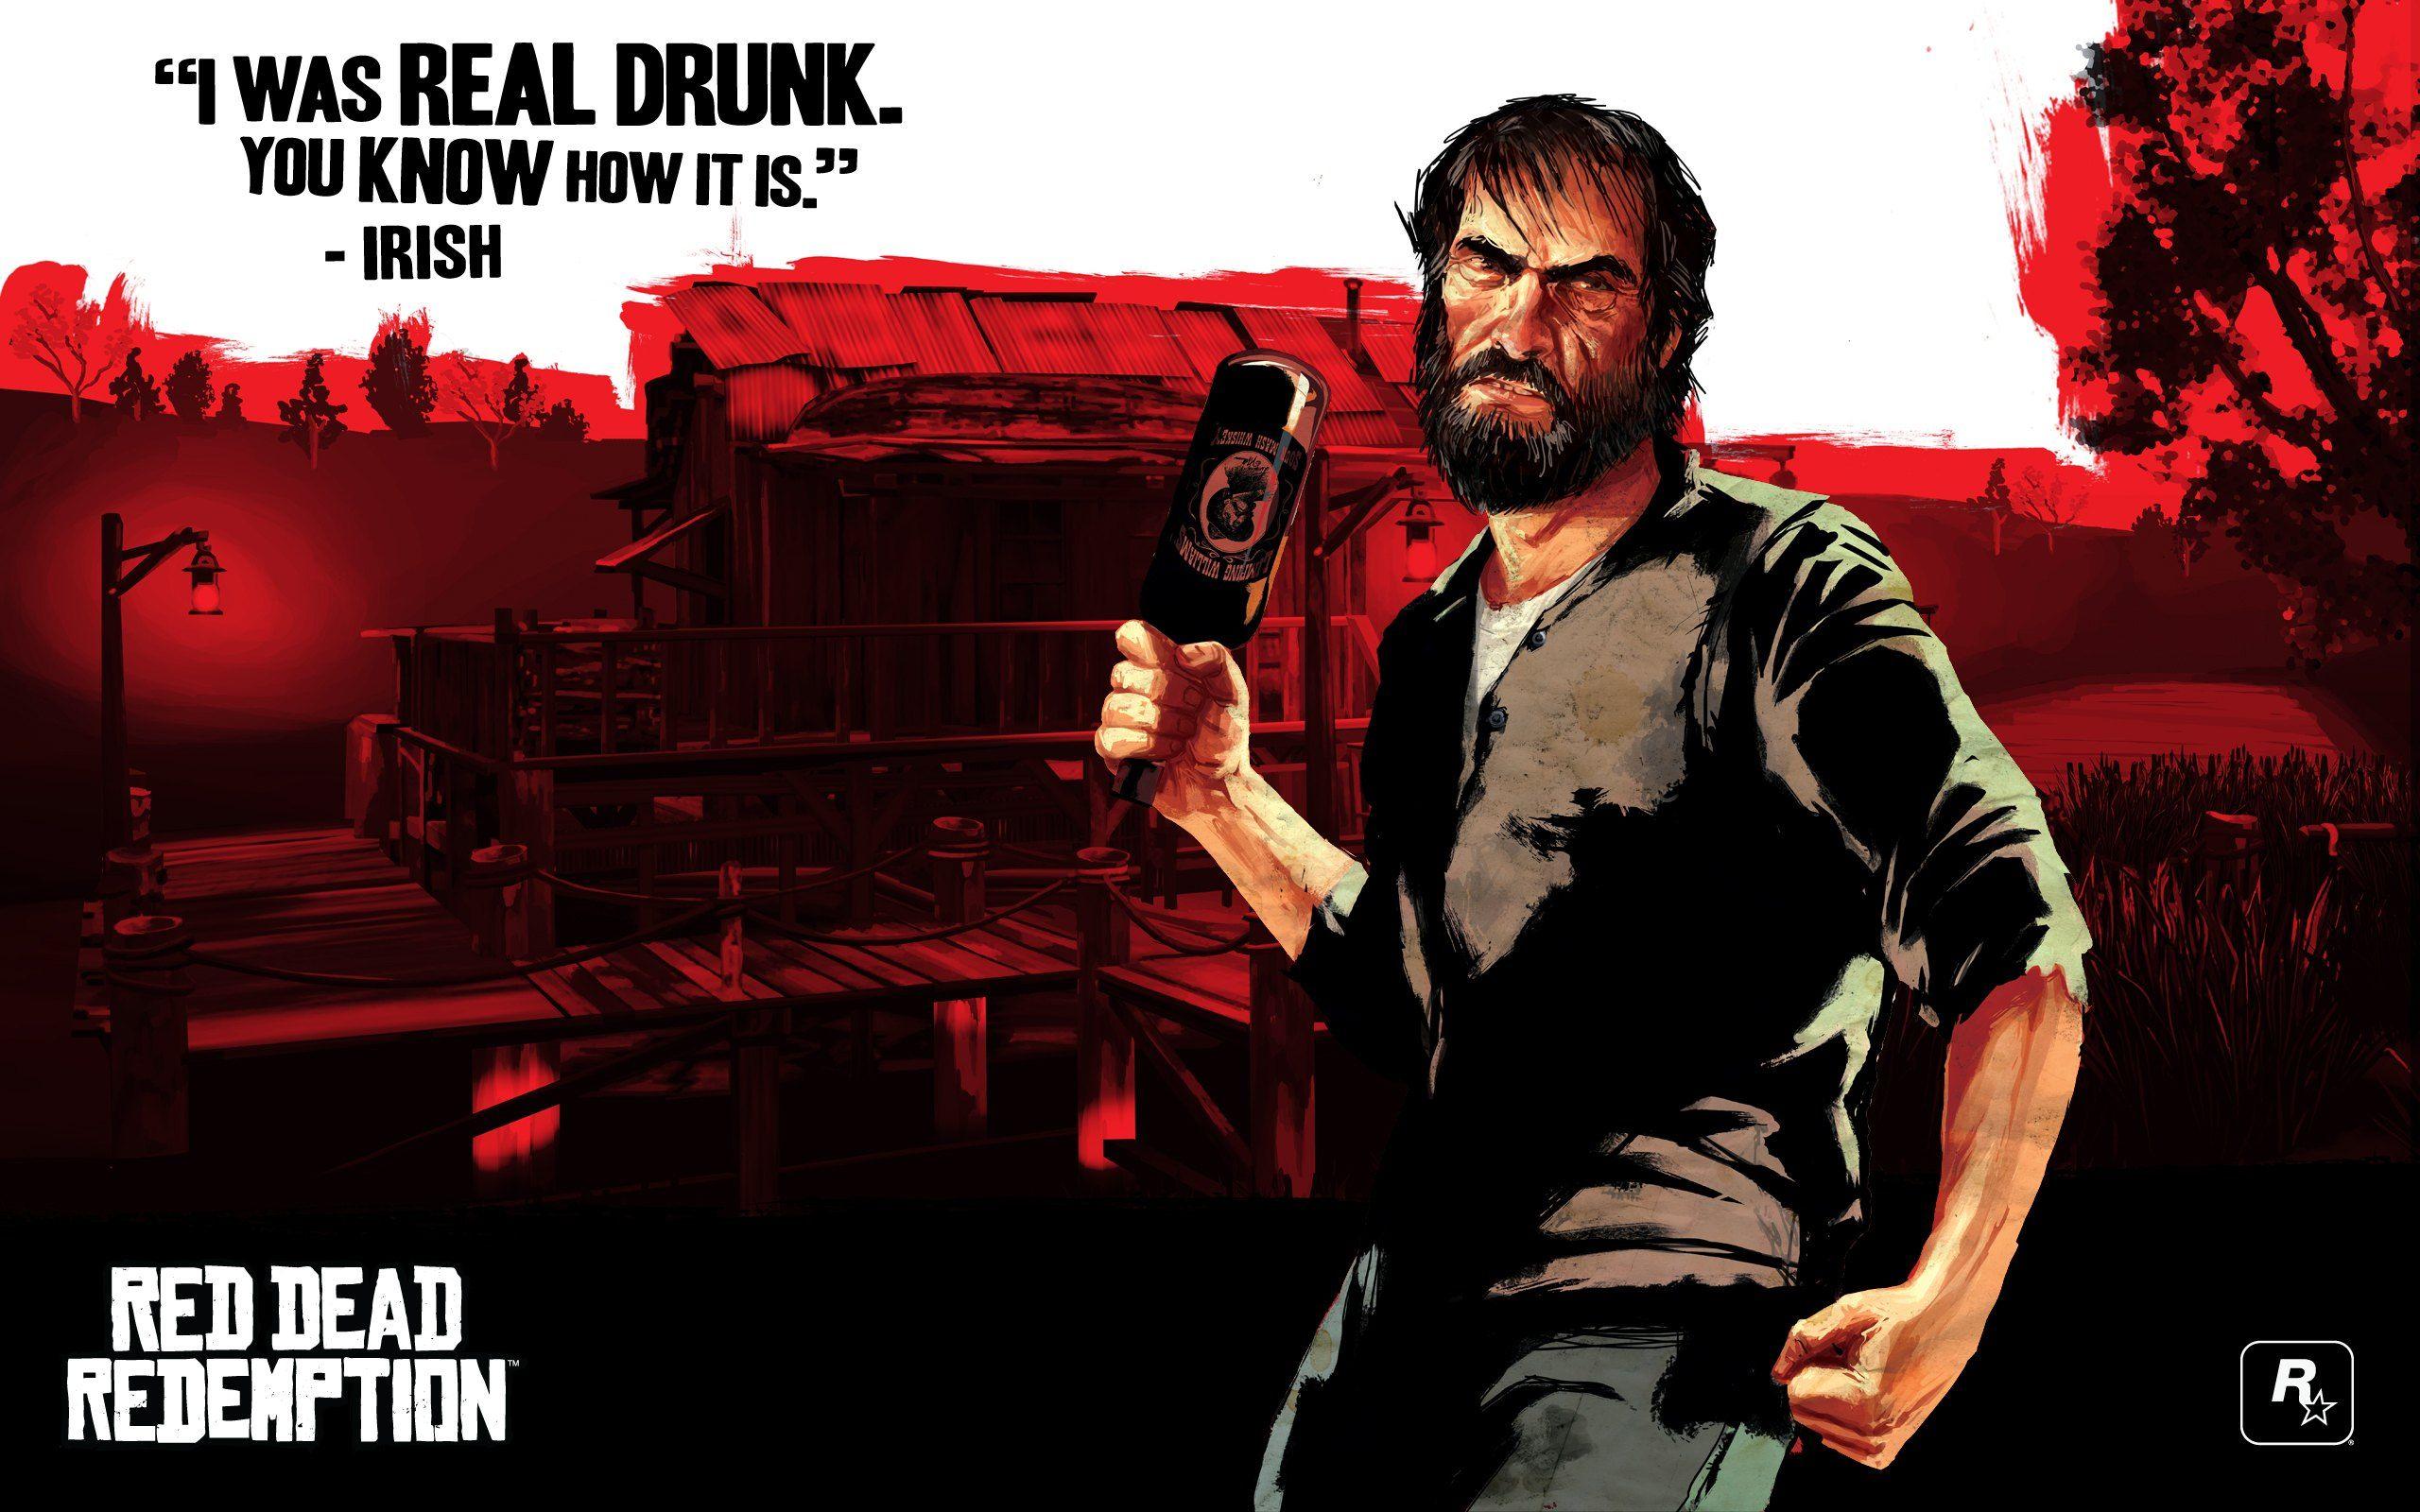 Red Dead Redemption, Irish